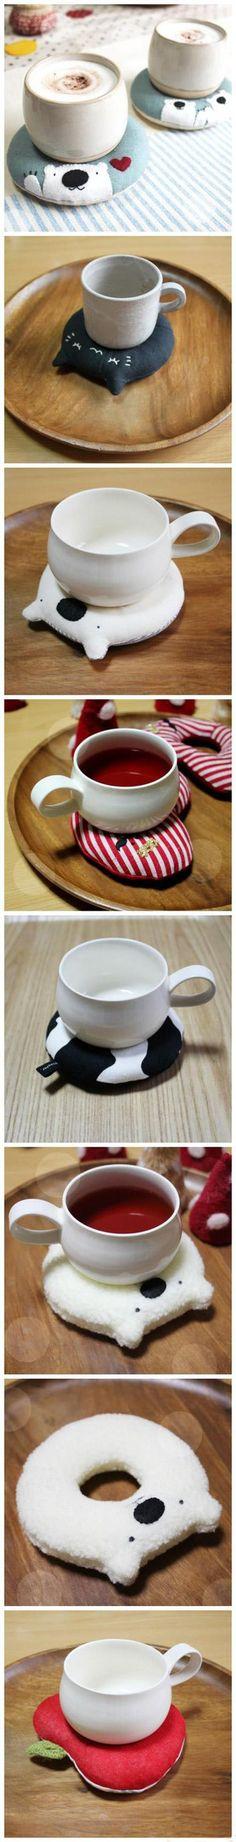 日本hokkori甜甜圈可爱杯垫,布艺和材质都是限量供应的。其实爱好手作的森女完全可以DIY起来 - 堆糖 发现生活_收集美好_分享图片